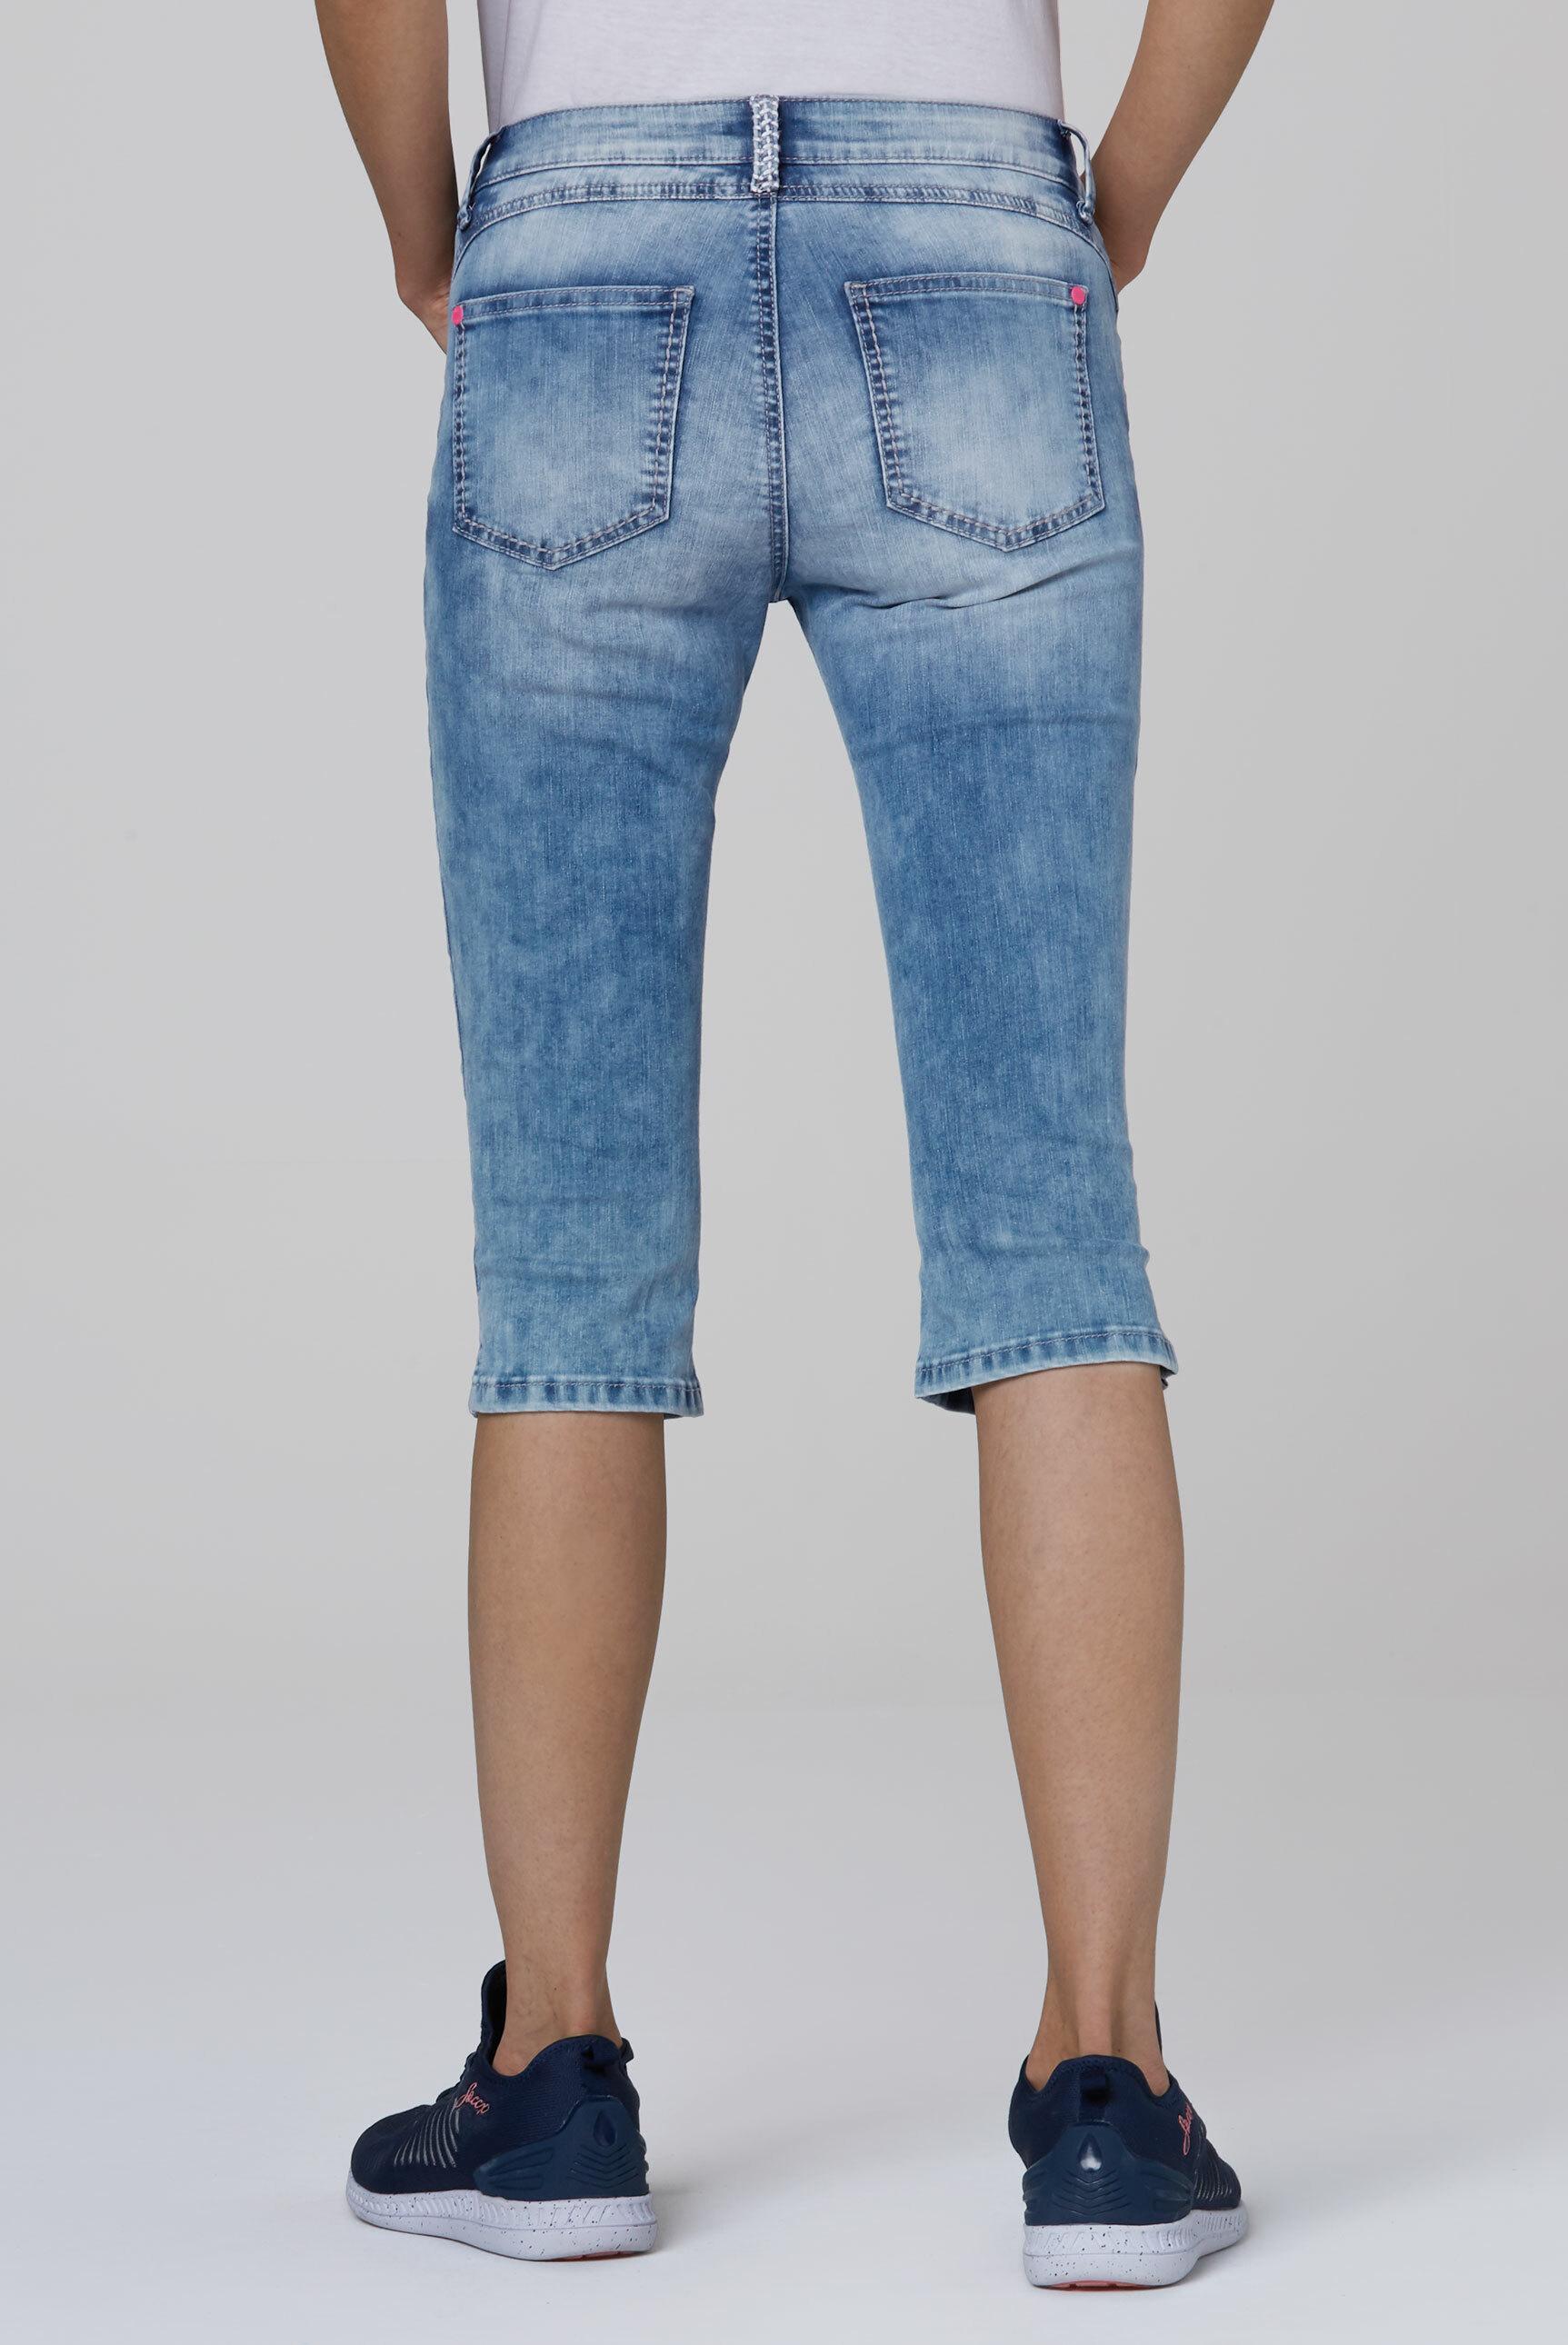 Capri Jeans KY:LI mit Stickerei und Knopfleiste